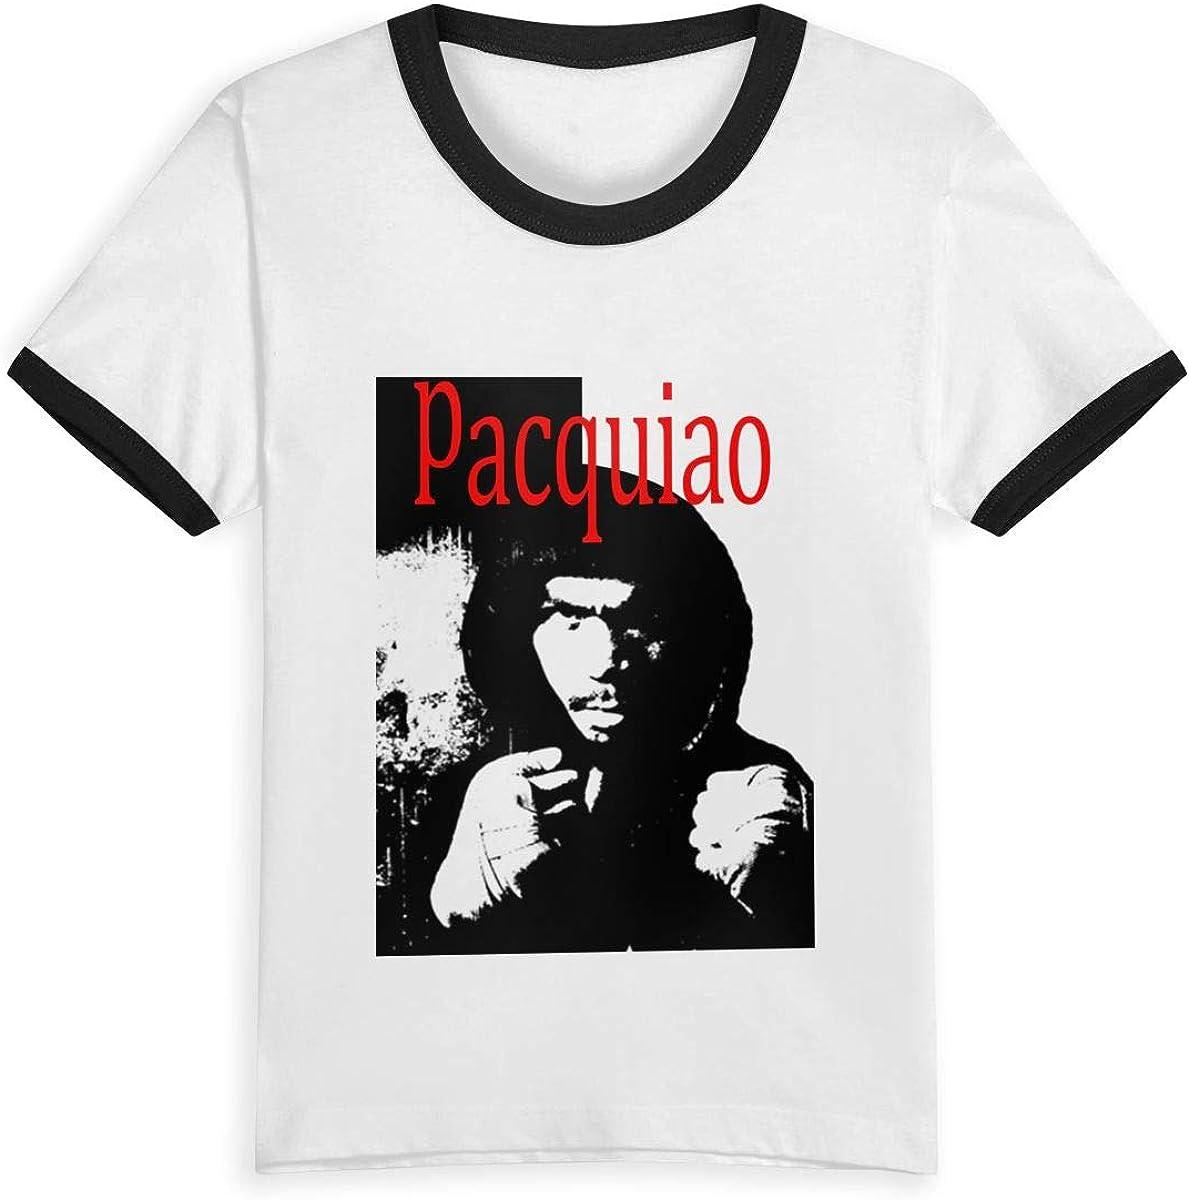 Reina Elena Manny Pacquiao Boxer, 2-6Y Cartoon Print Boys T Shirt Summer Infant Niños Niñas Fashion Camisetas Ropa Algodón Bebé Contraste Color Negro Negro (3 años: Amazon.es: Ropa y accesorios